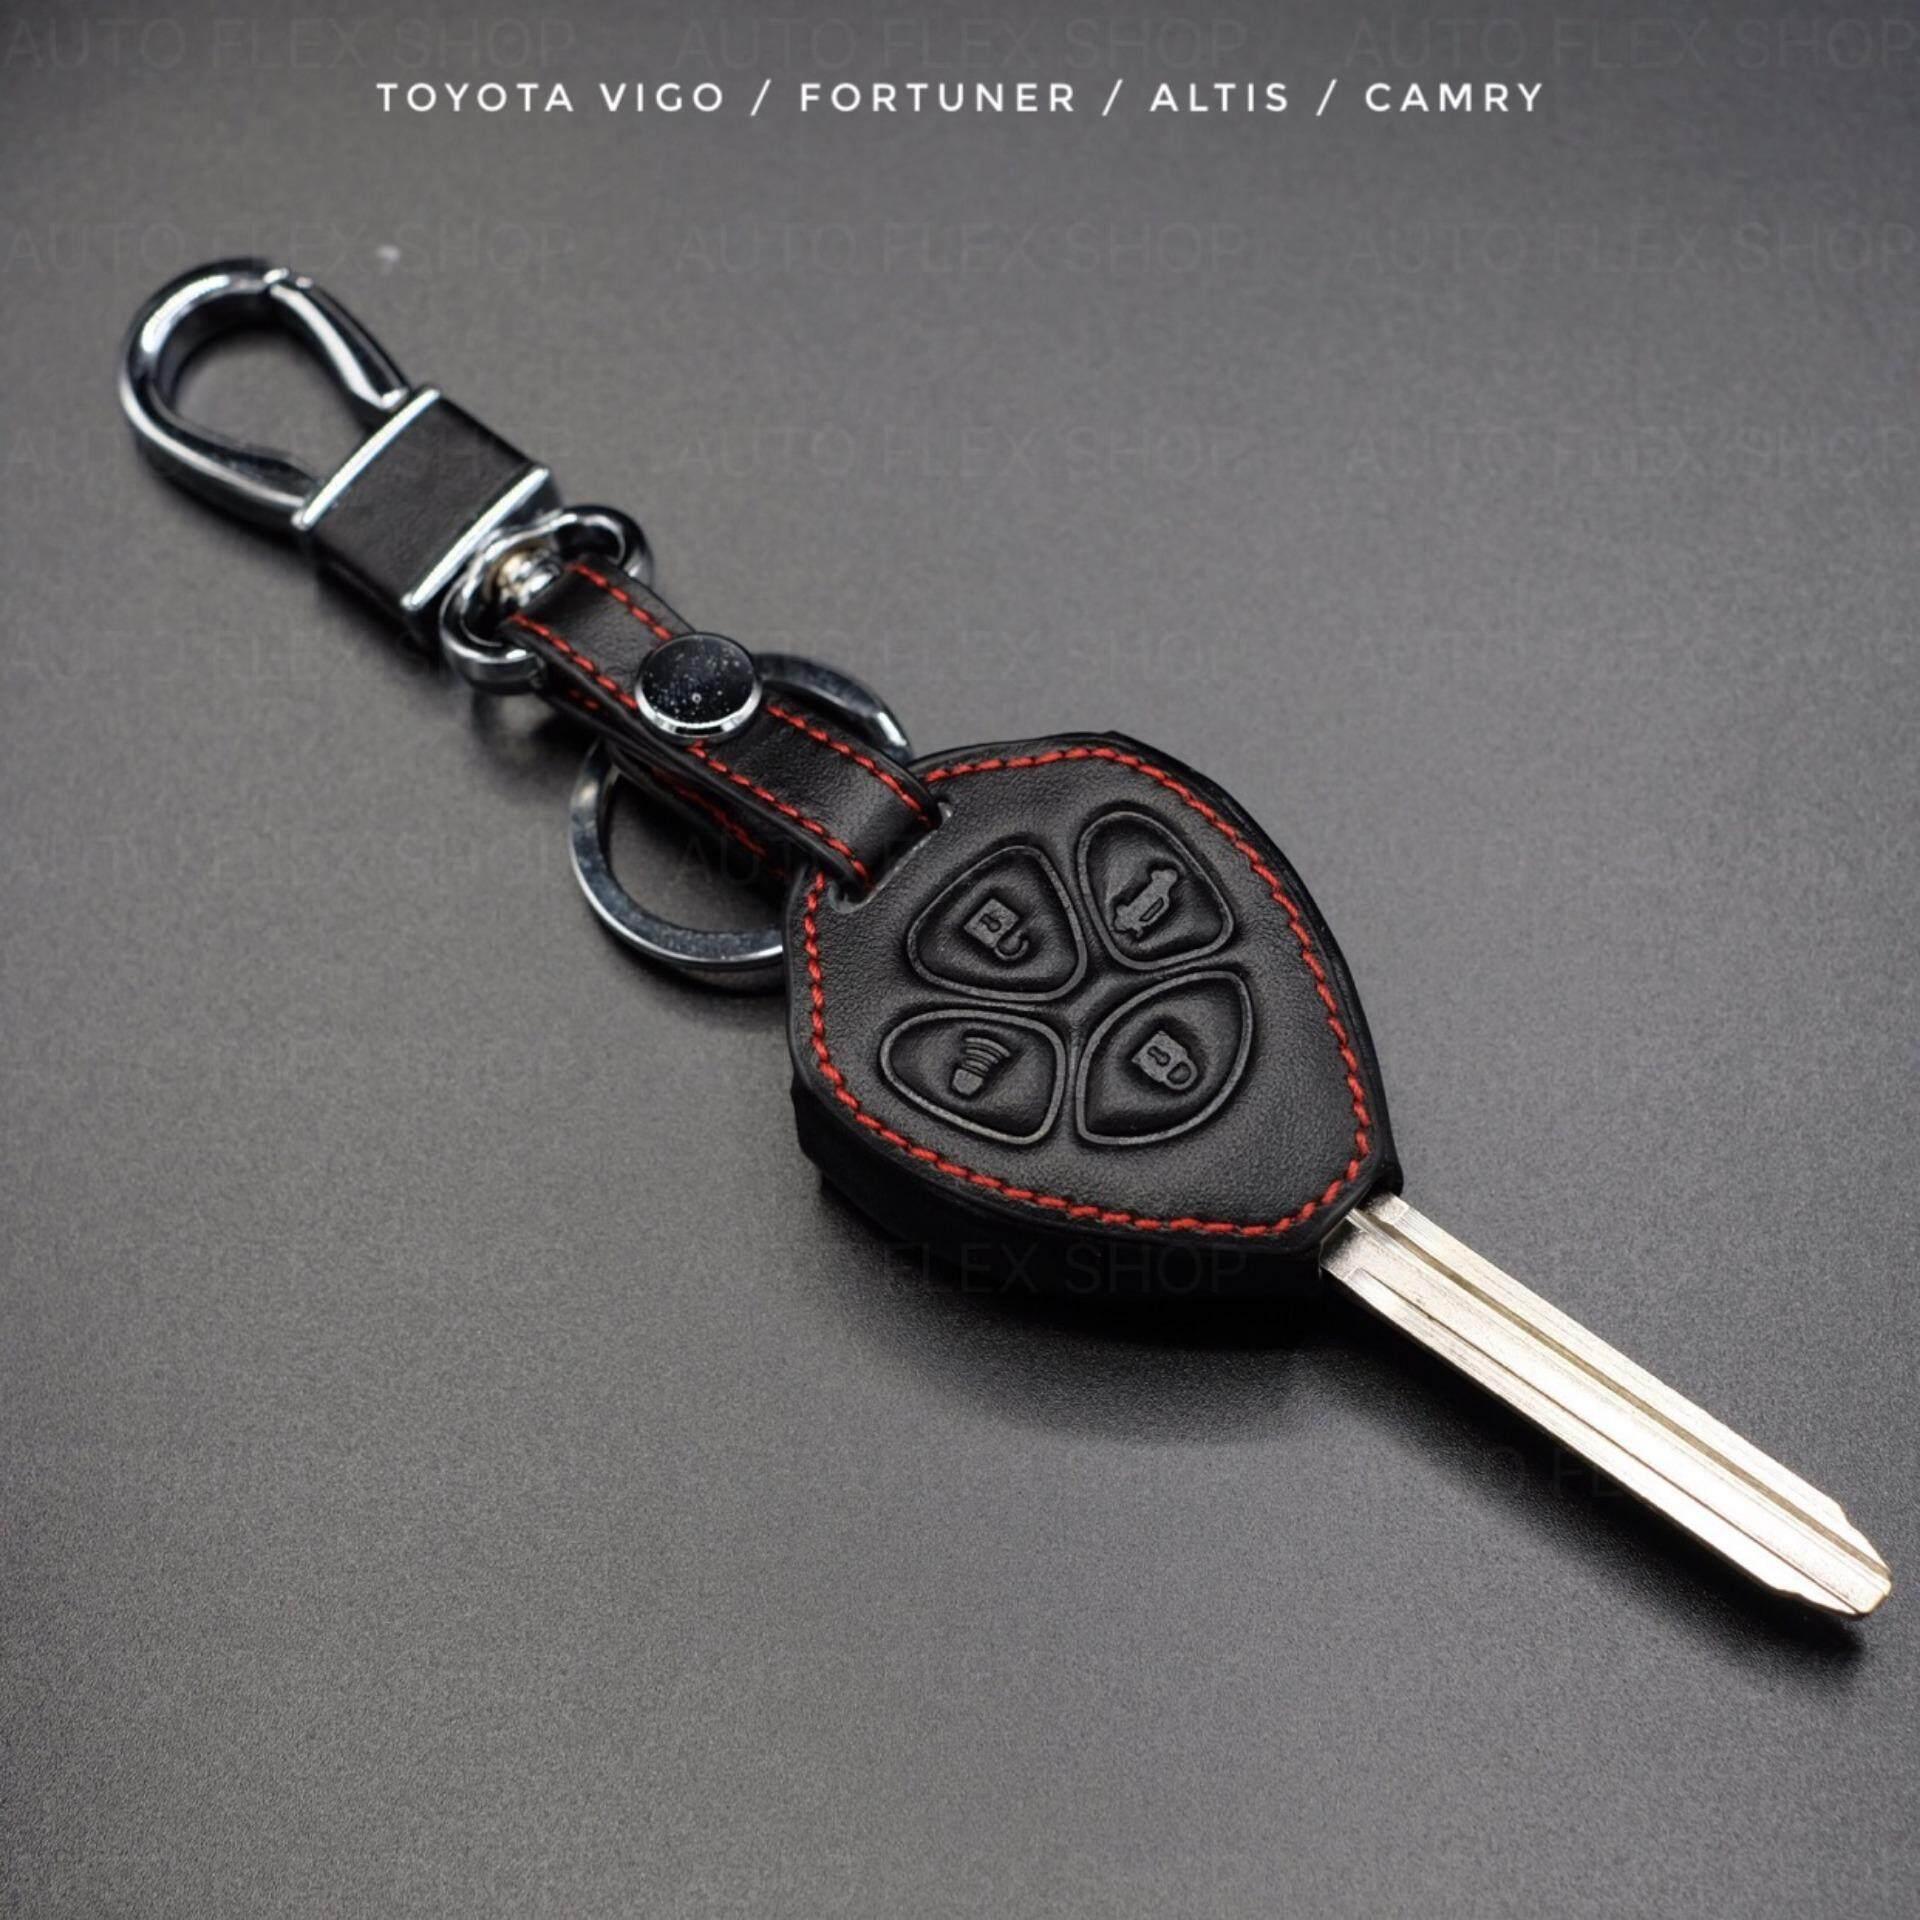 ซื้อ ซองหนัง Toyota Altis Camry Vigo Fortuner ถูก กรุงเทพมหานคร